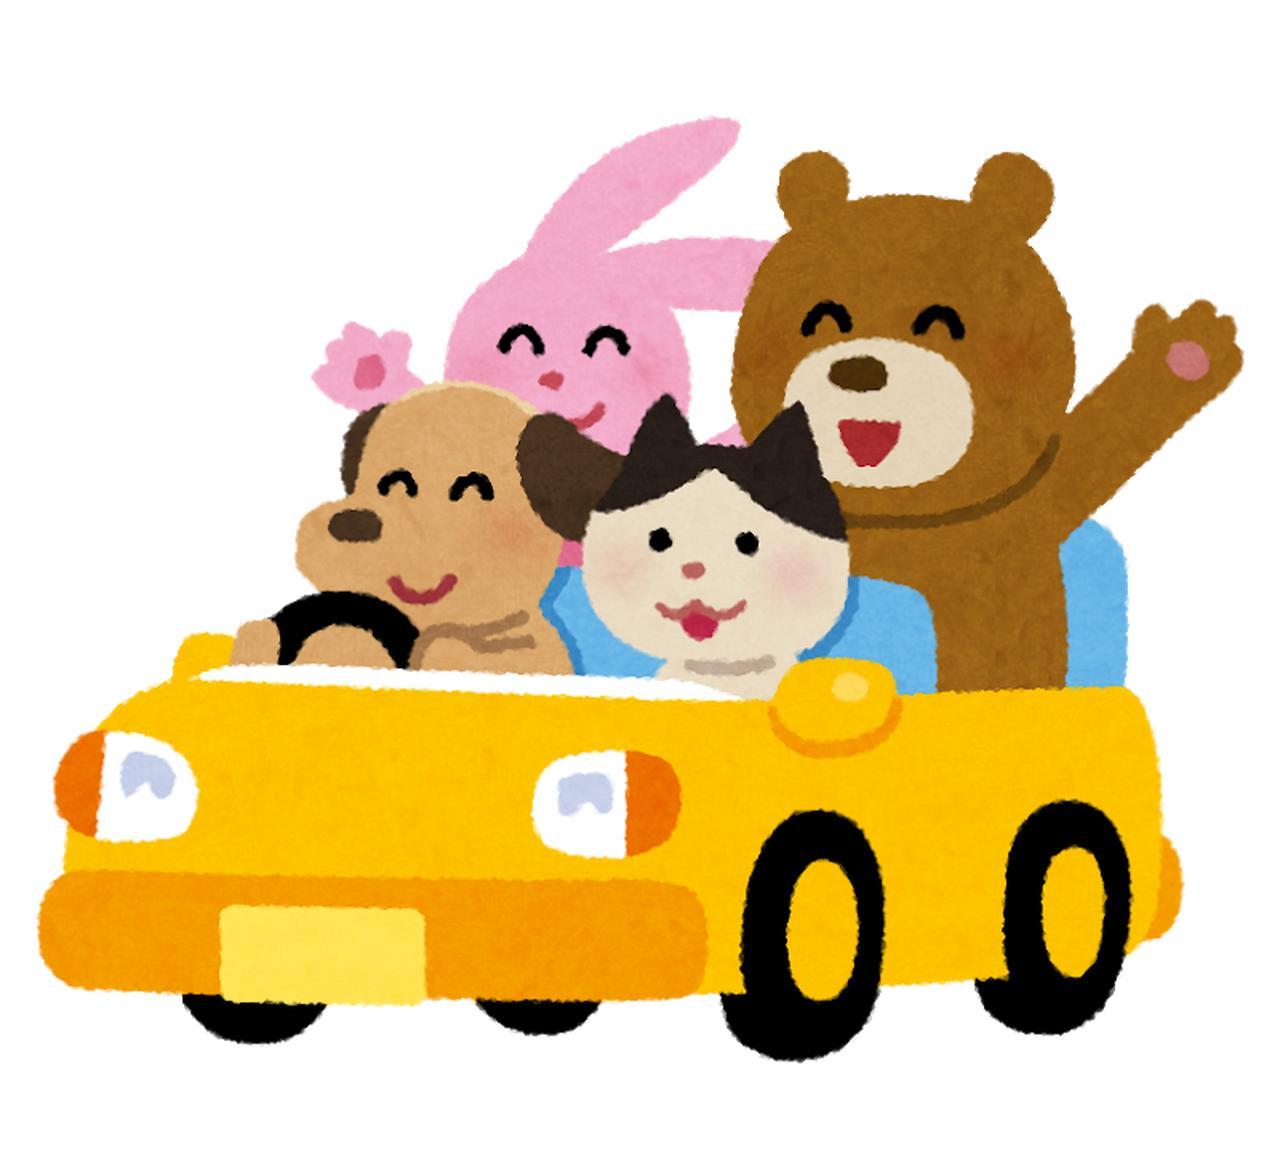 画像2: 宣言。犬と遊ぶために車の免許を取ります:ロレンス編集部の「コレがしたいアレが欲しい 2019年7月」